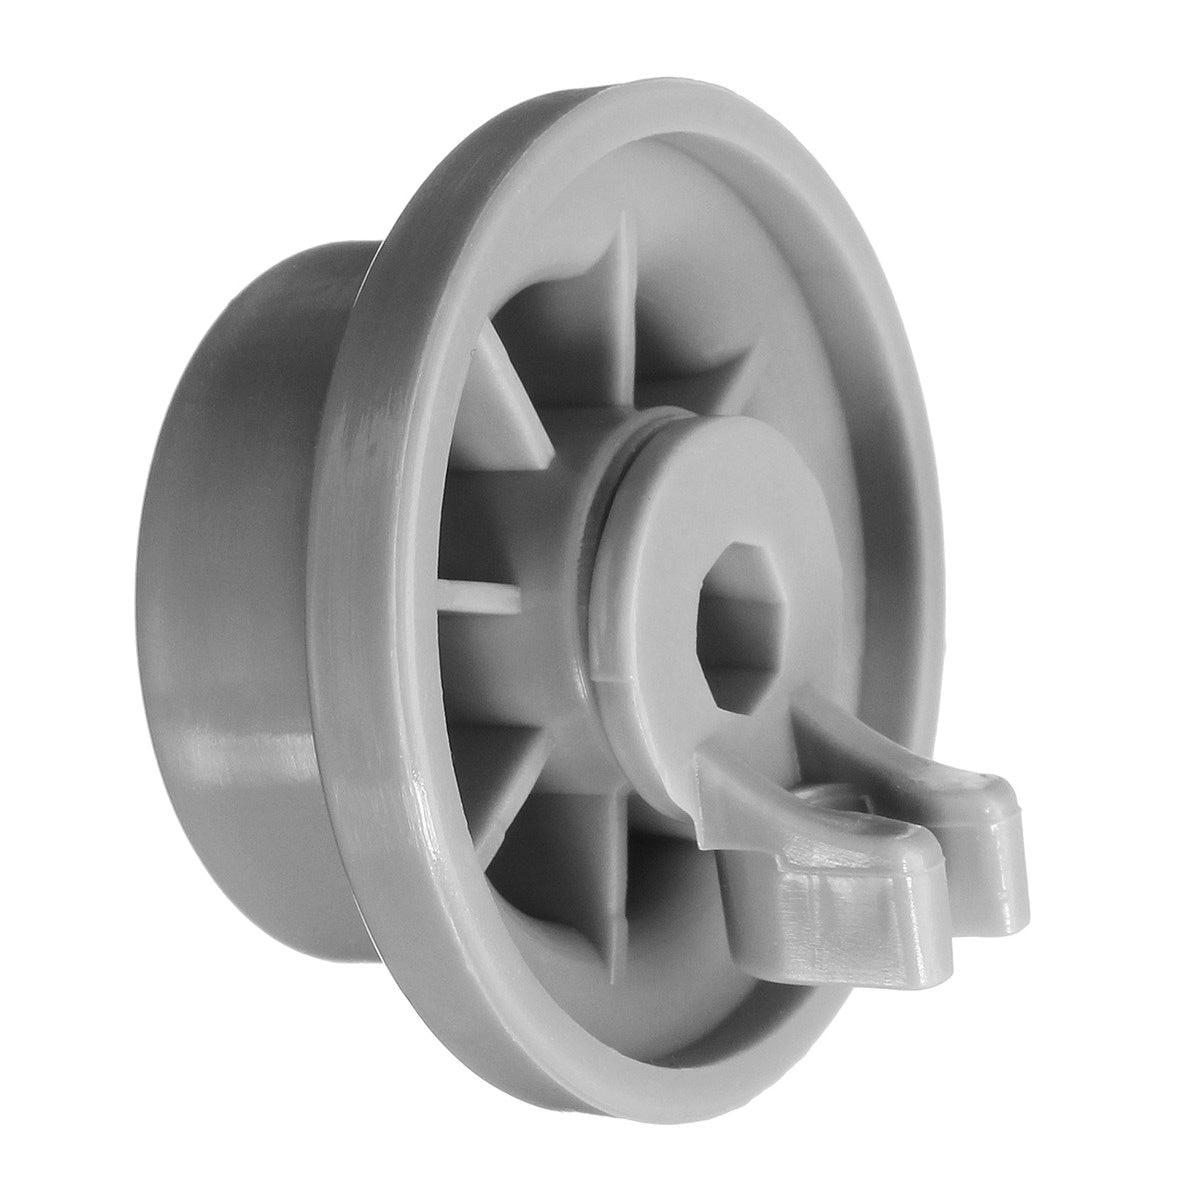 4 peças rodas cinzentas para bosch siemens neff máquina de lavar louça rack cesta aspirador t